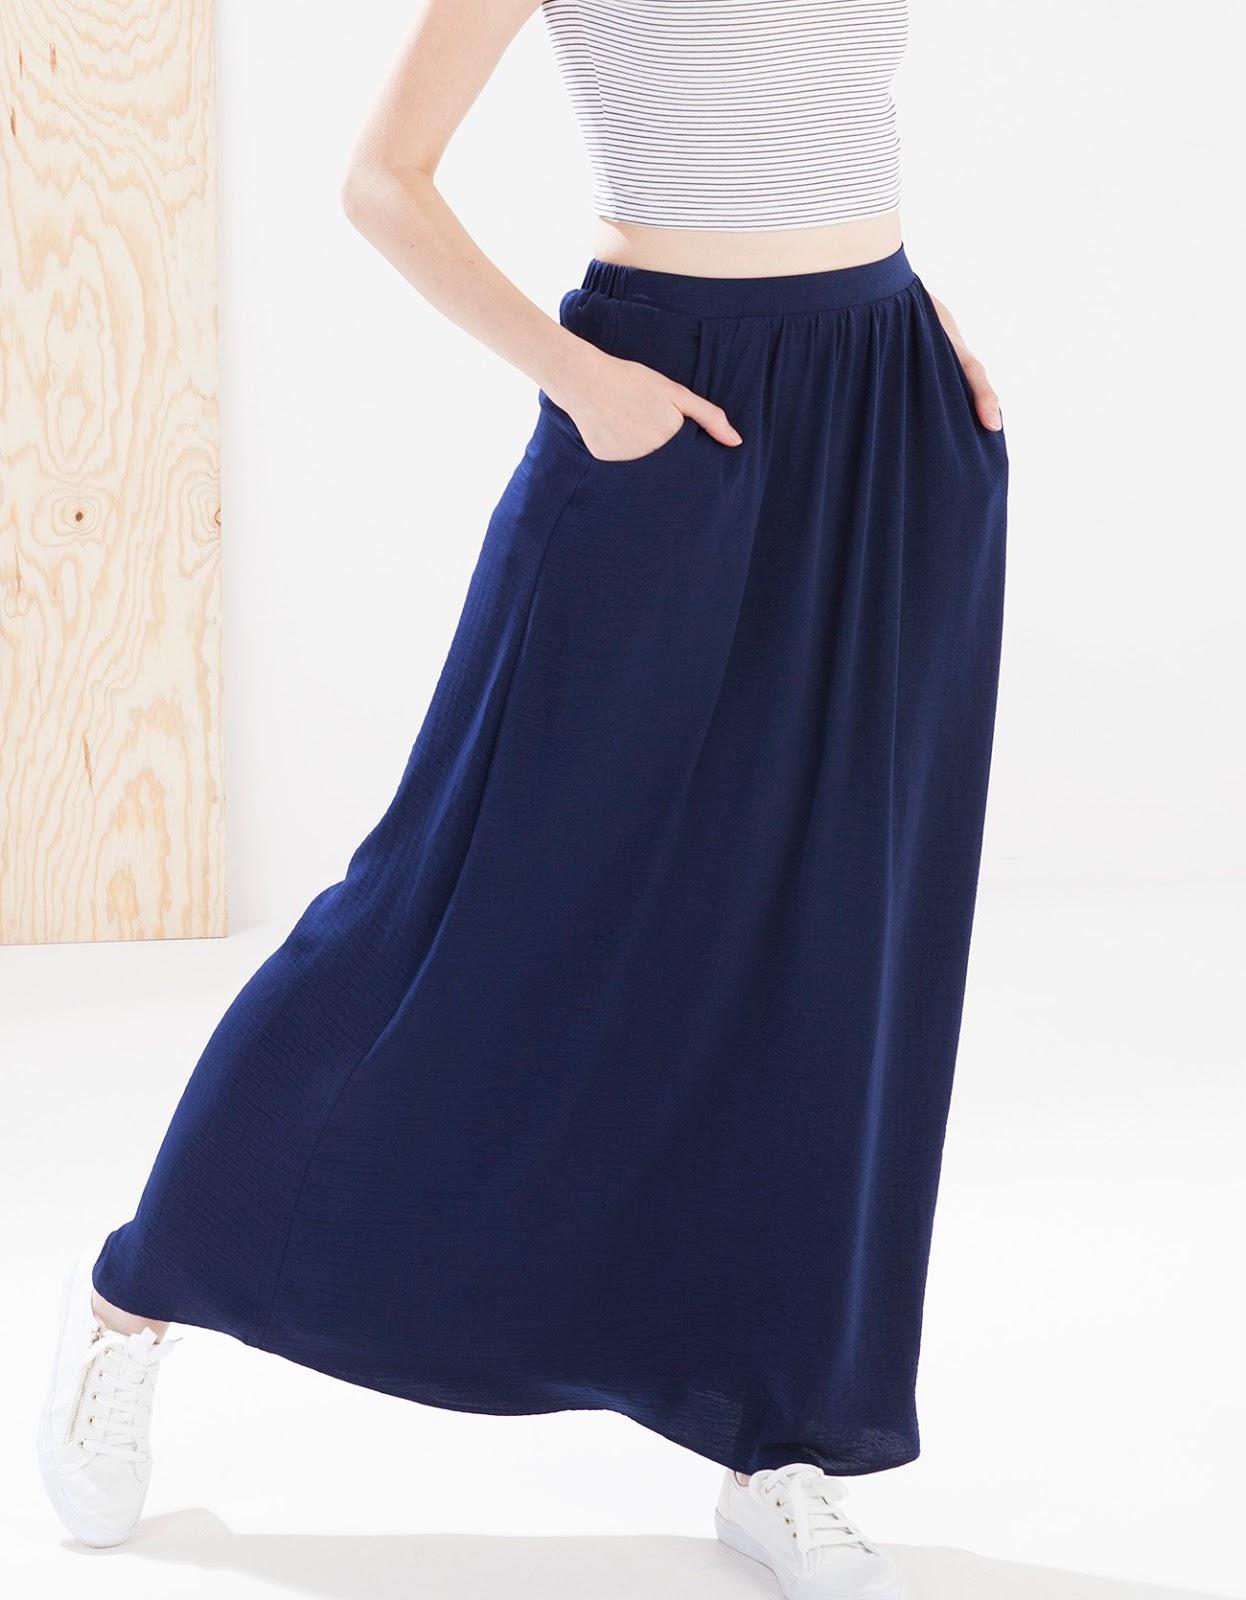 3 Długie spódnice maxie idealna stylizacja na lato | Moda